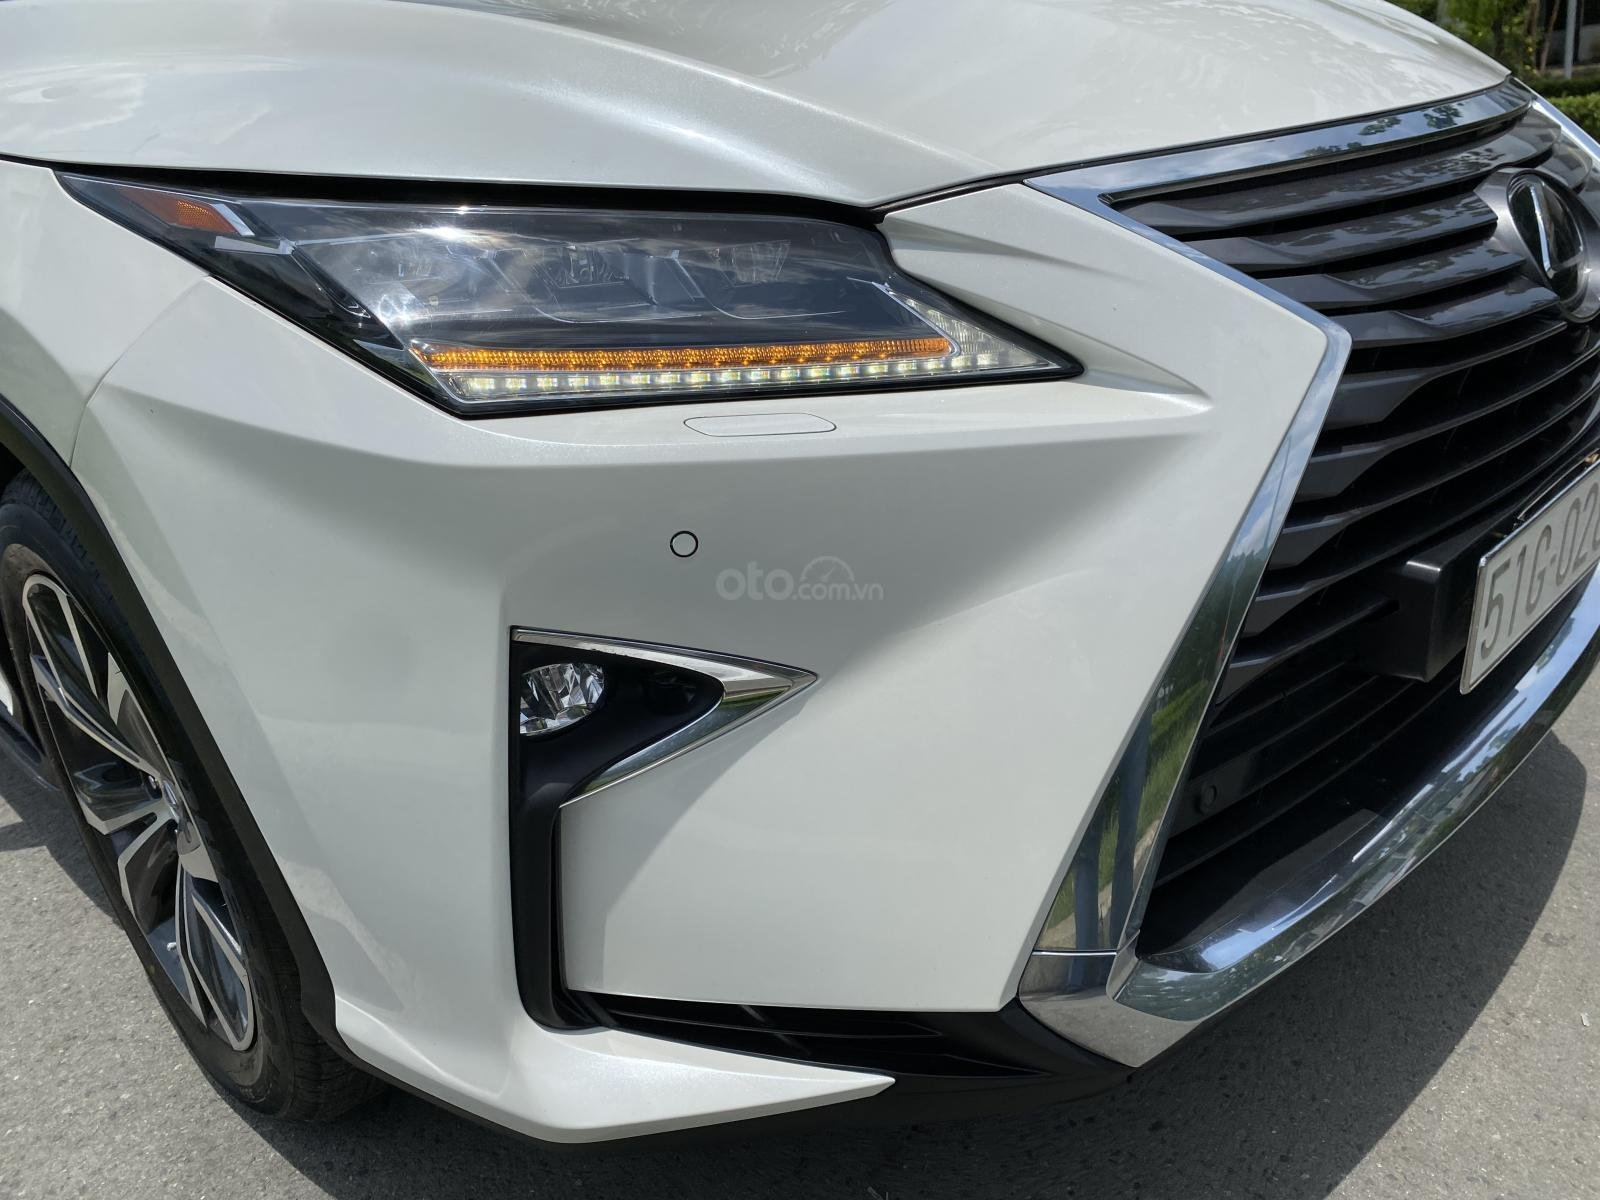 Lexus RX350 nhập Mỹ cuối 2016, mẫu mới nhất, màu trắng, hàng full cao cấp, đủ đồ chơi không thiếu món nào hắt kính loa Mark (6)